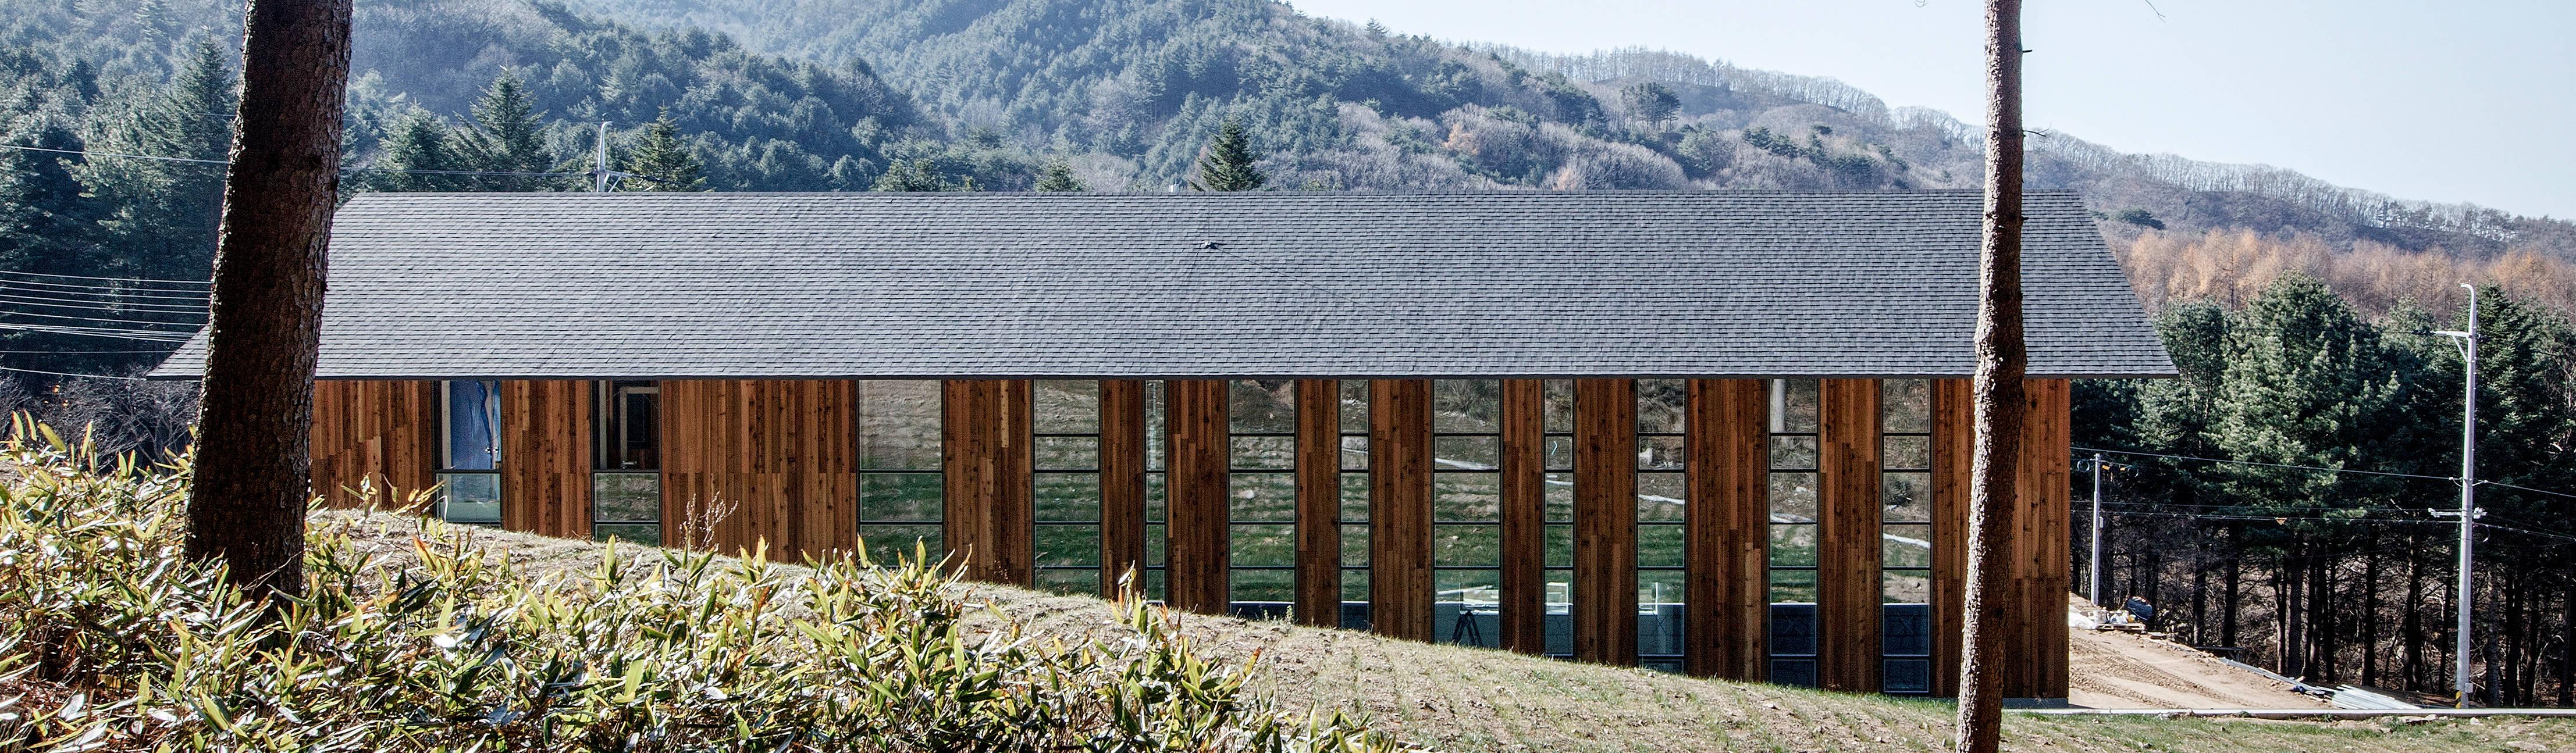 (주)나무아키텍츠 건축사사무소